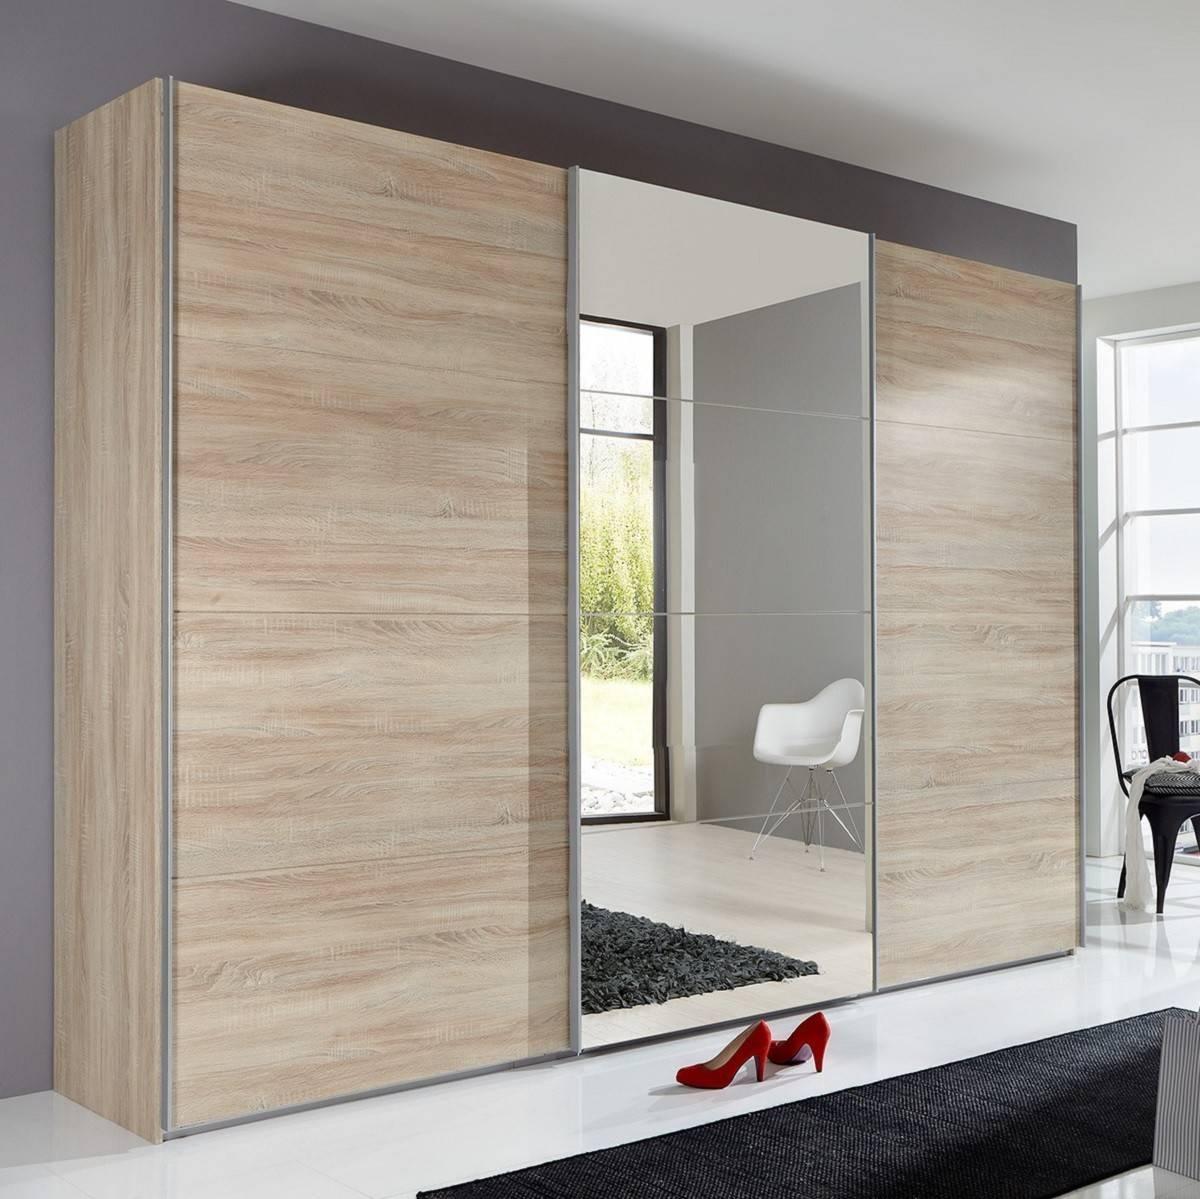 Slumberhaus 'ernie' German Made Modern 270Cm Oak & Mirror 3 Door For 3 Door Mirrored Wardrobes (View 13 of 15)